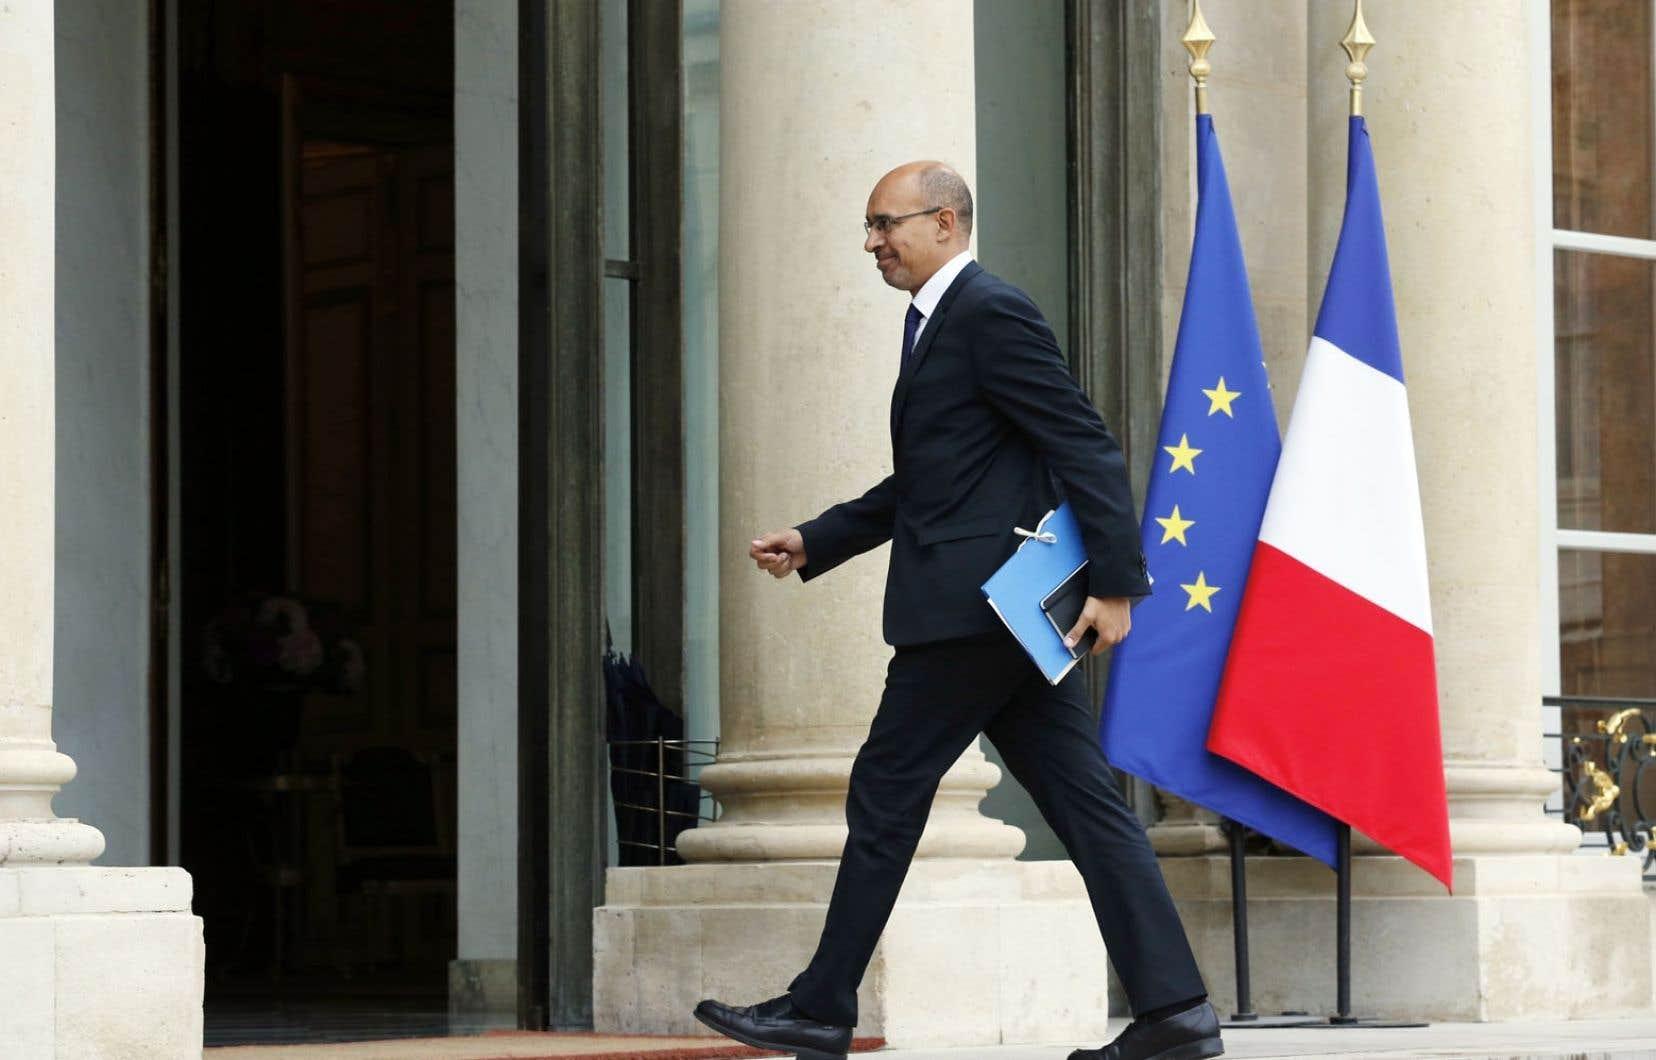 Le ministre français chargé des Affaires européennes, Harlem Désir, se rendant à une rencontre convoquée par le président François Hollande au lendemain du résultat des élections européennes.